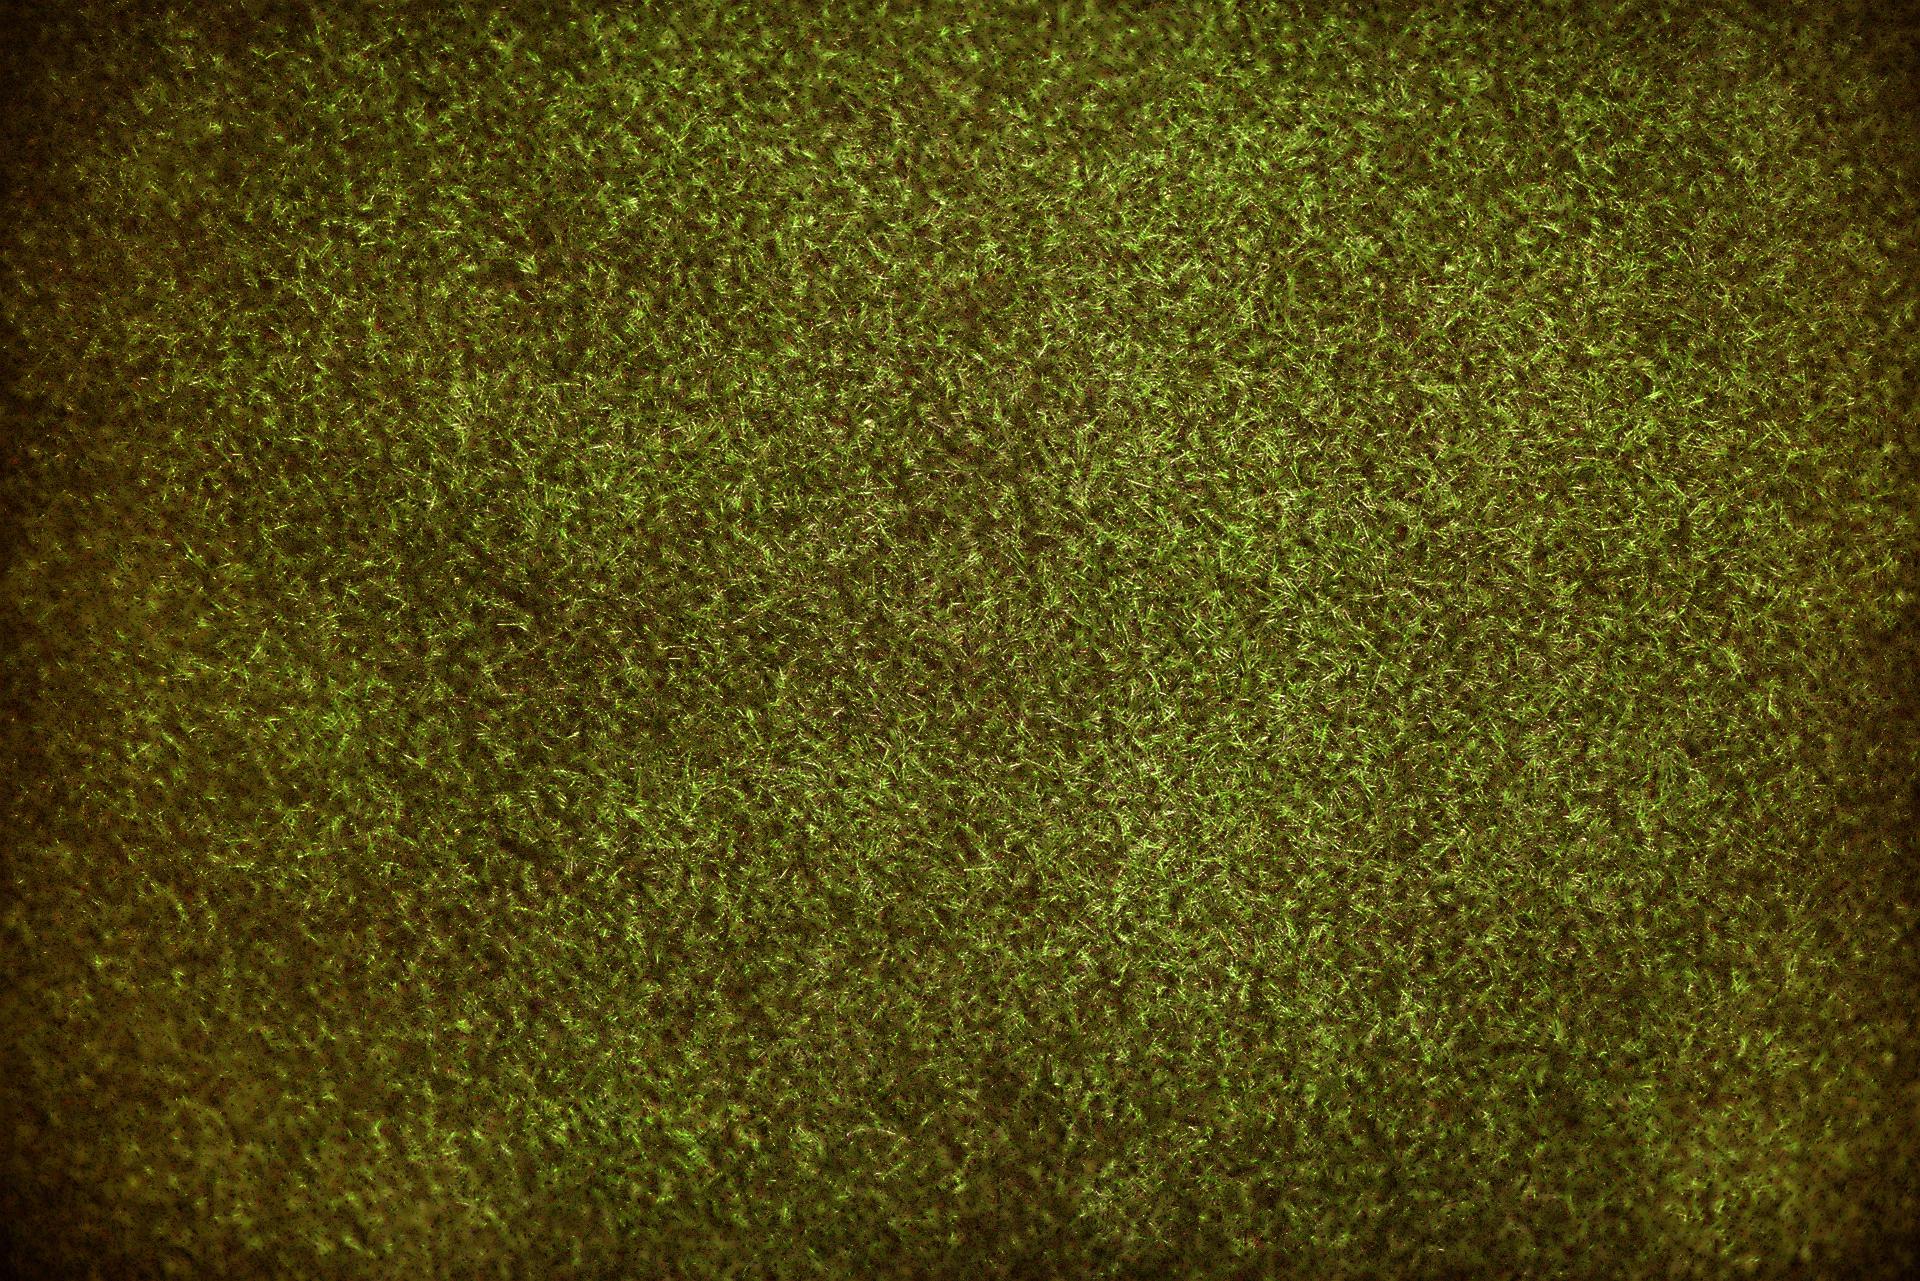 grass-3253361_1920 (1)